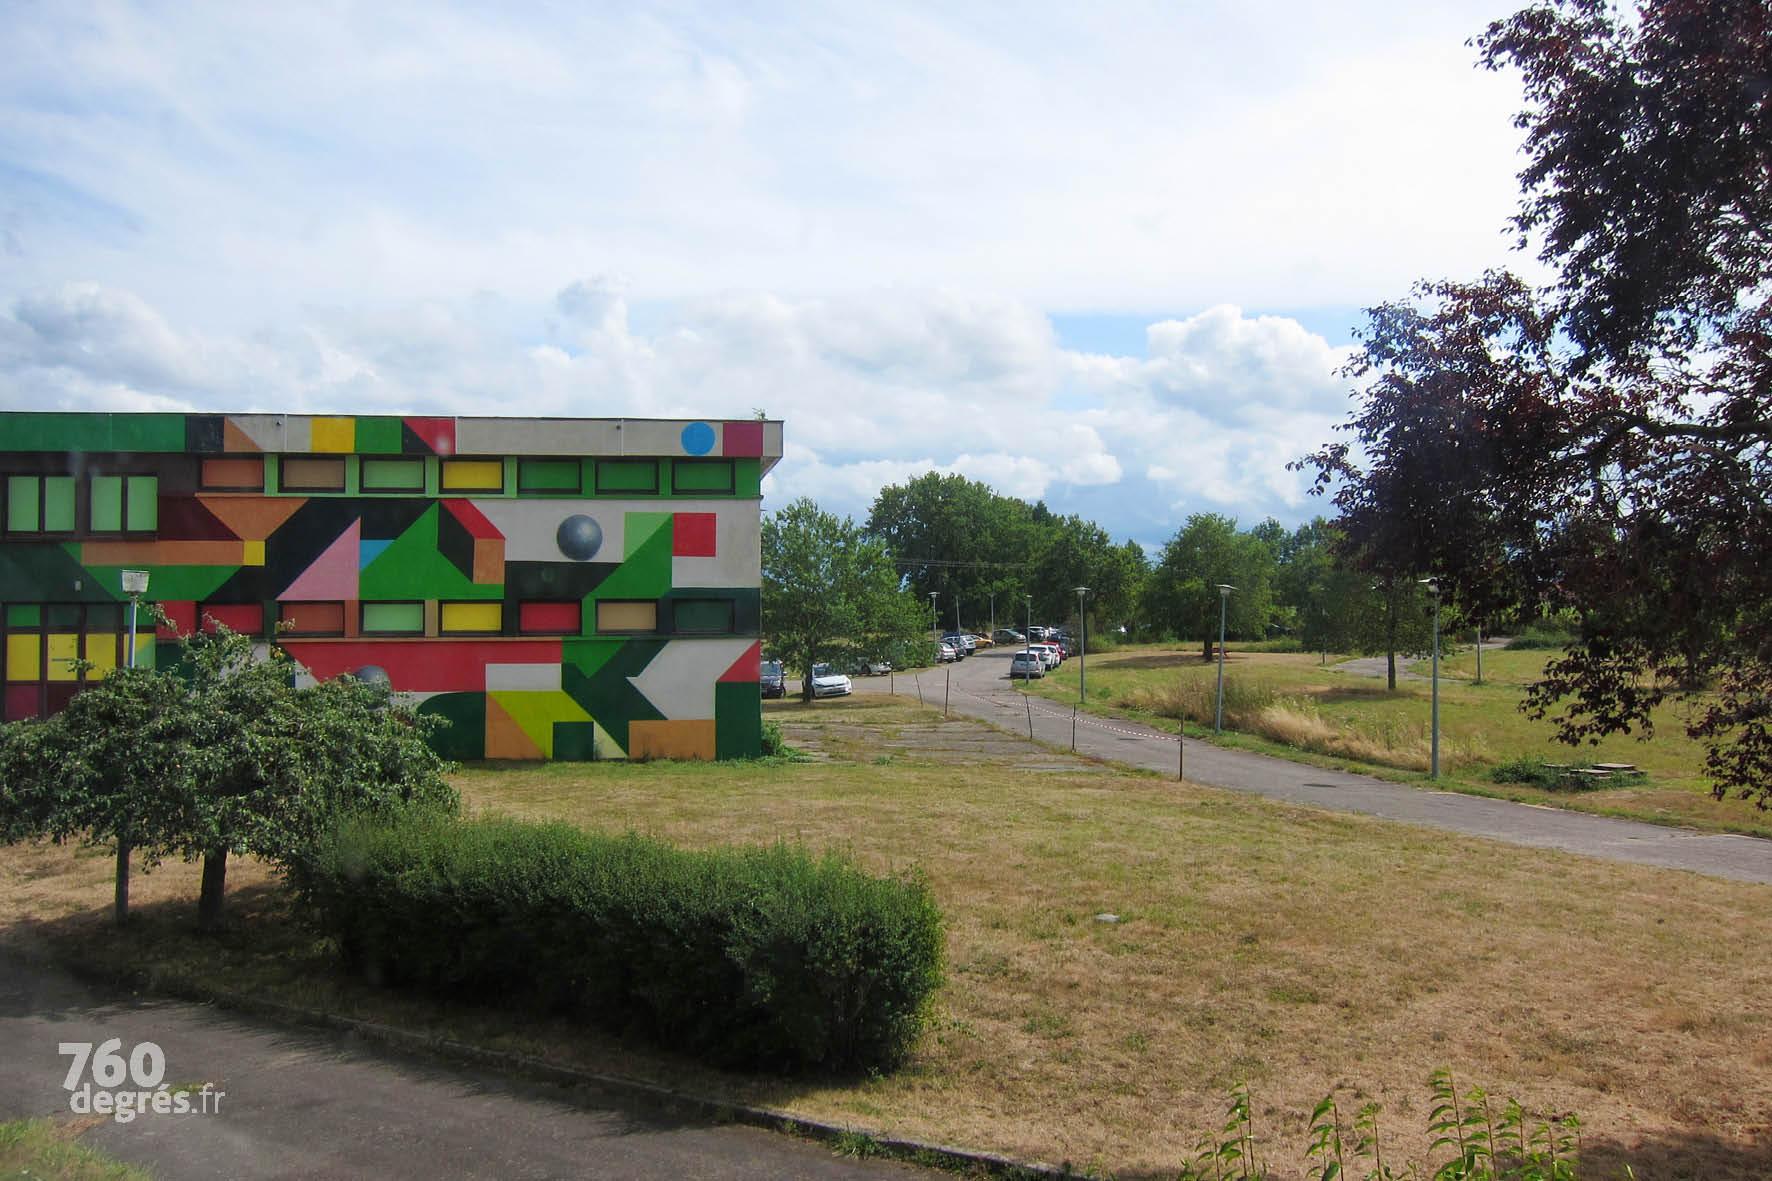 DEBENS (Espagne) - Fortement inspiré par le cubisme catalan, l'artiste espagnol a ici recouvert entièrement la façade d'une construction géométrique colorée.